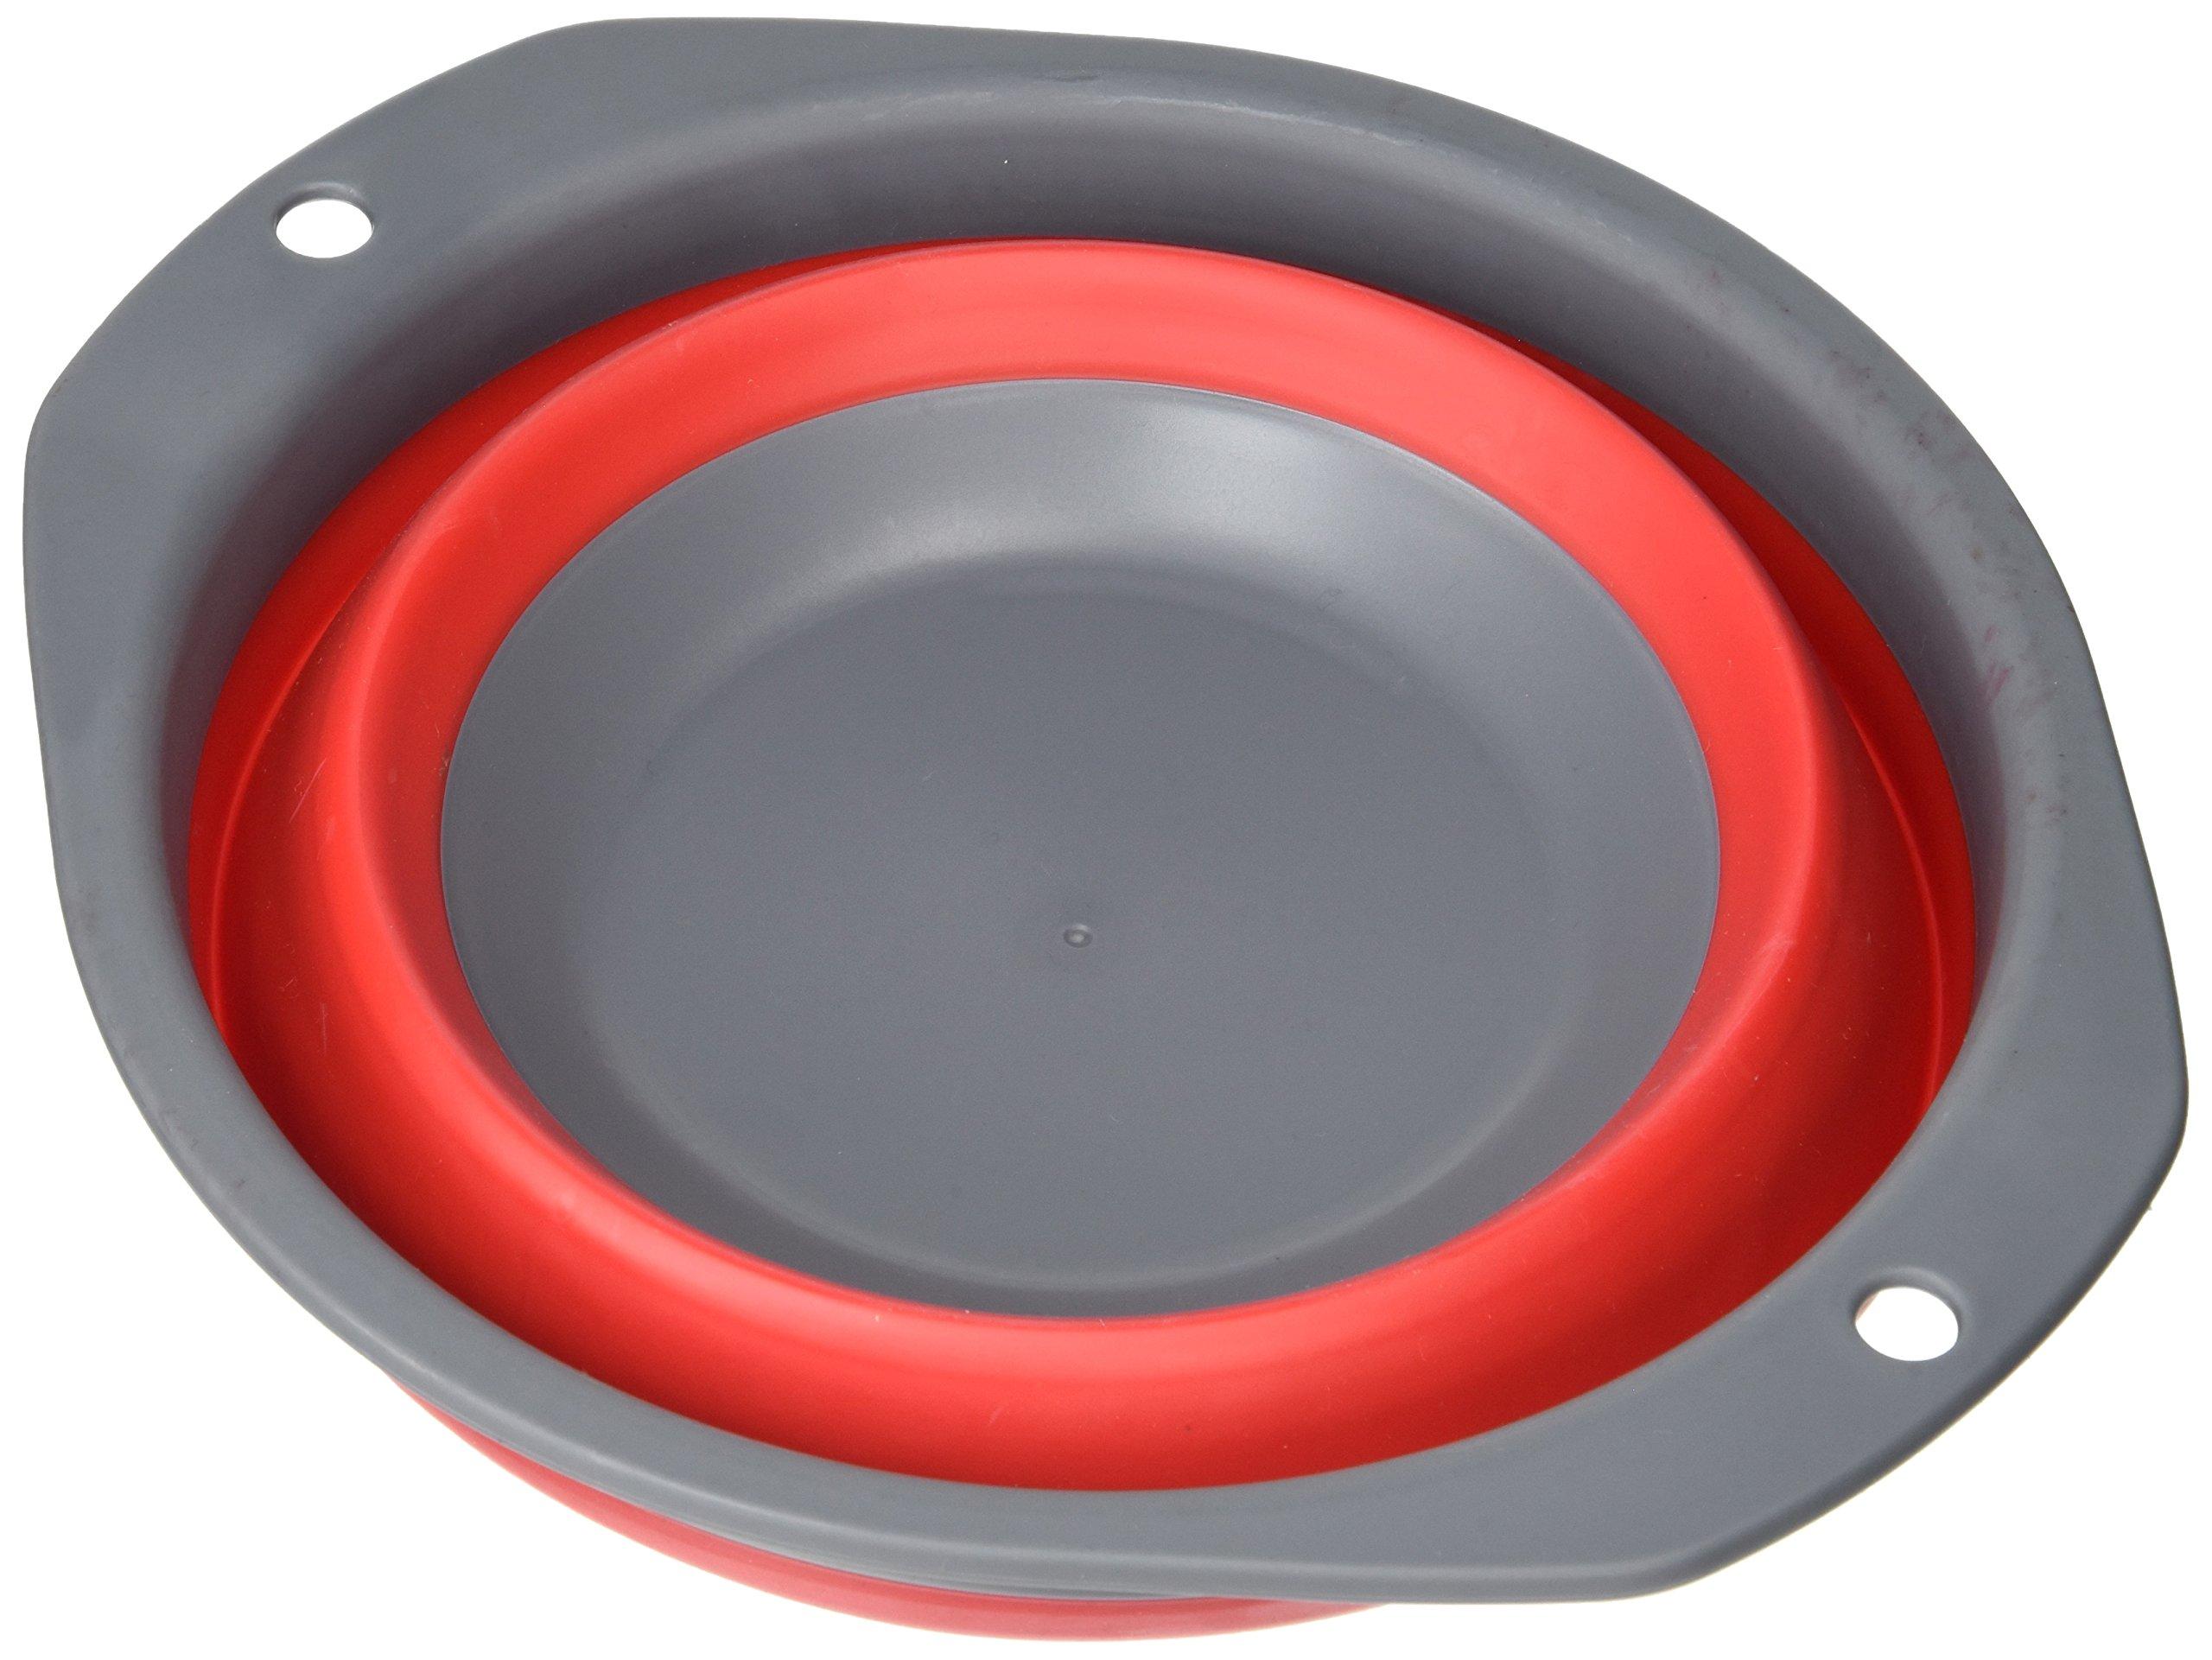 Outwell 550/103 - Scodella per minestra Collaps, misura S, colore: rosso